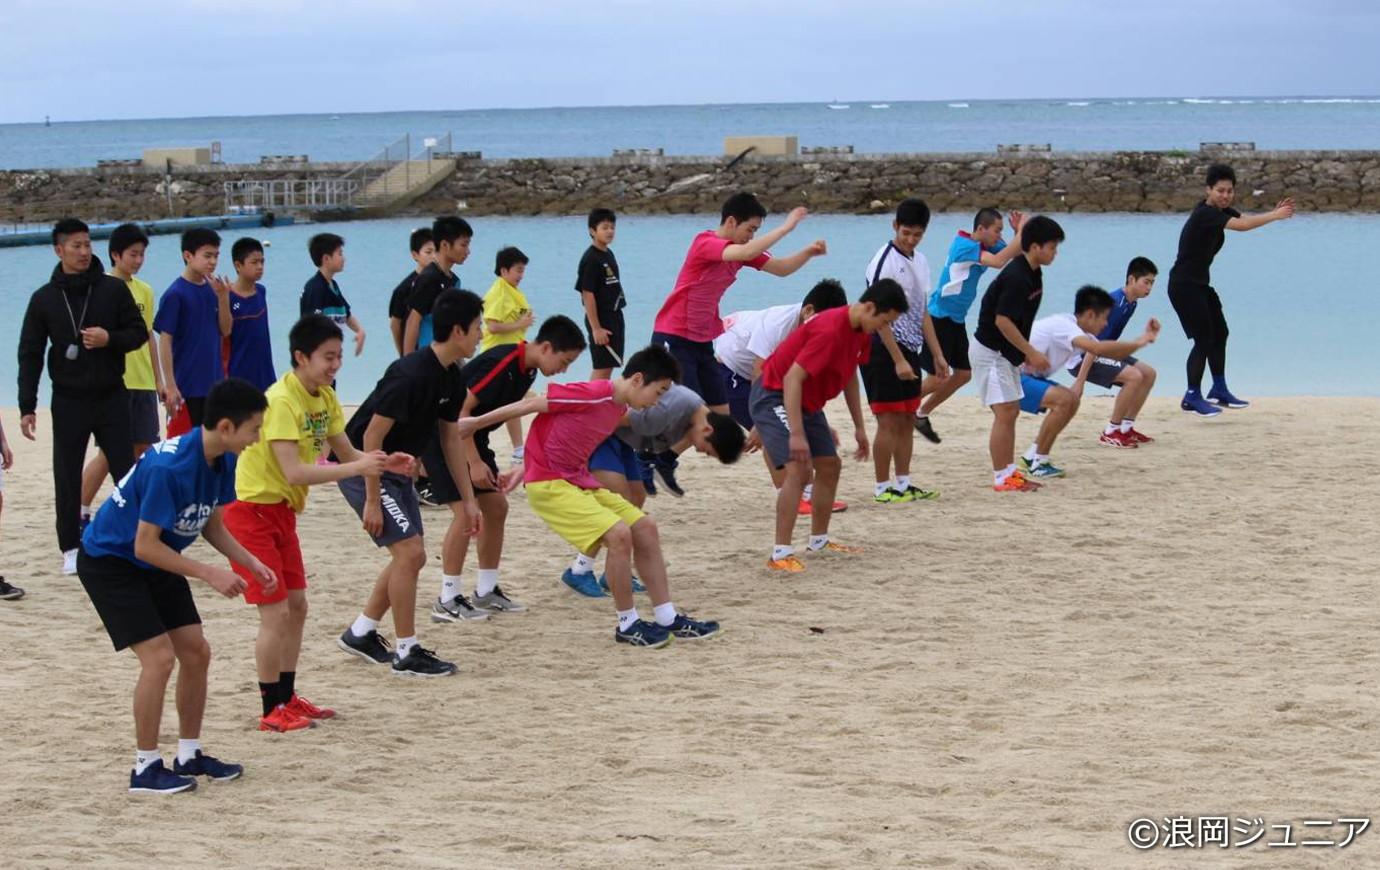 砂浜でのトレーニングの様子。「キツくて地獄のようでした(苦笑)」(奈良岡)